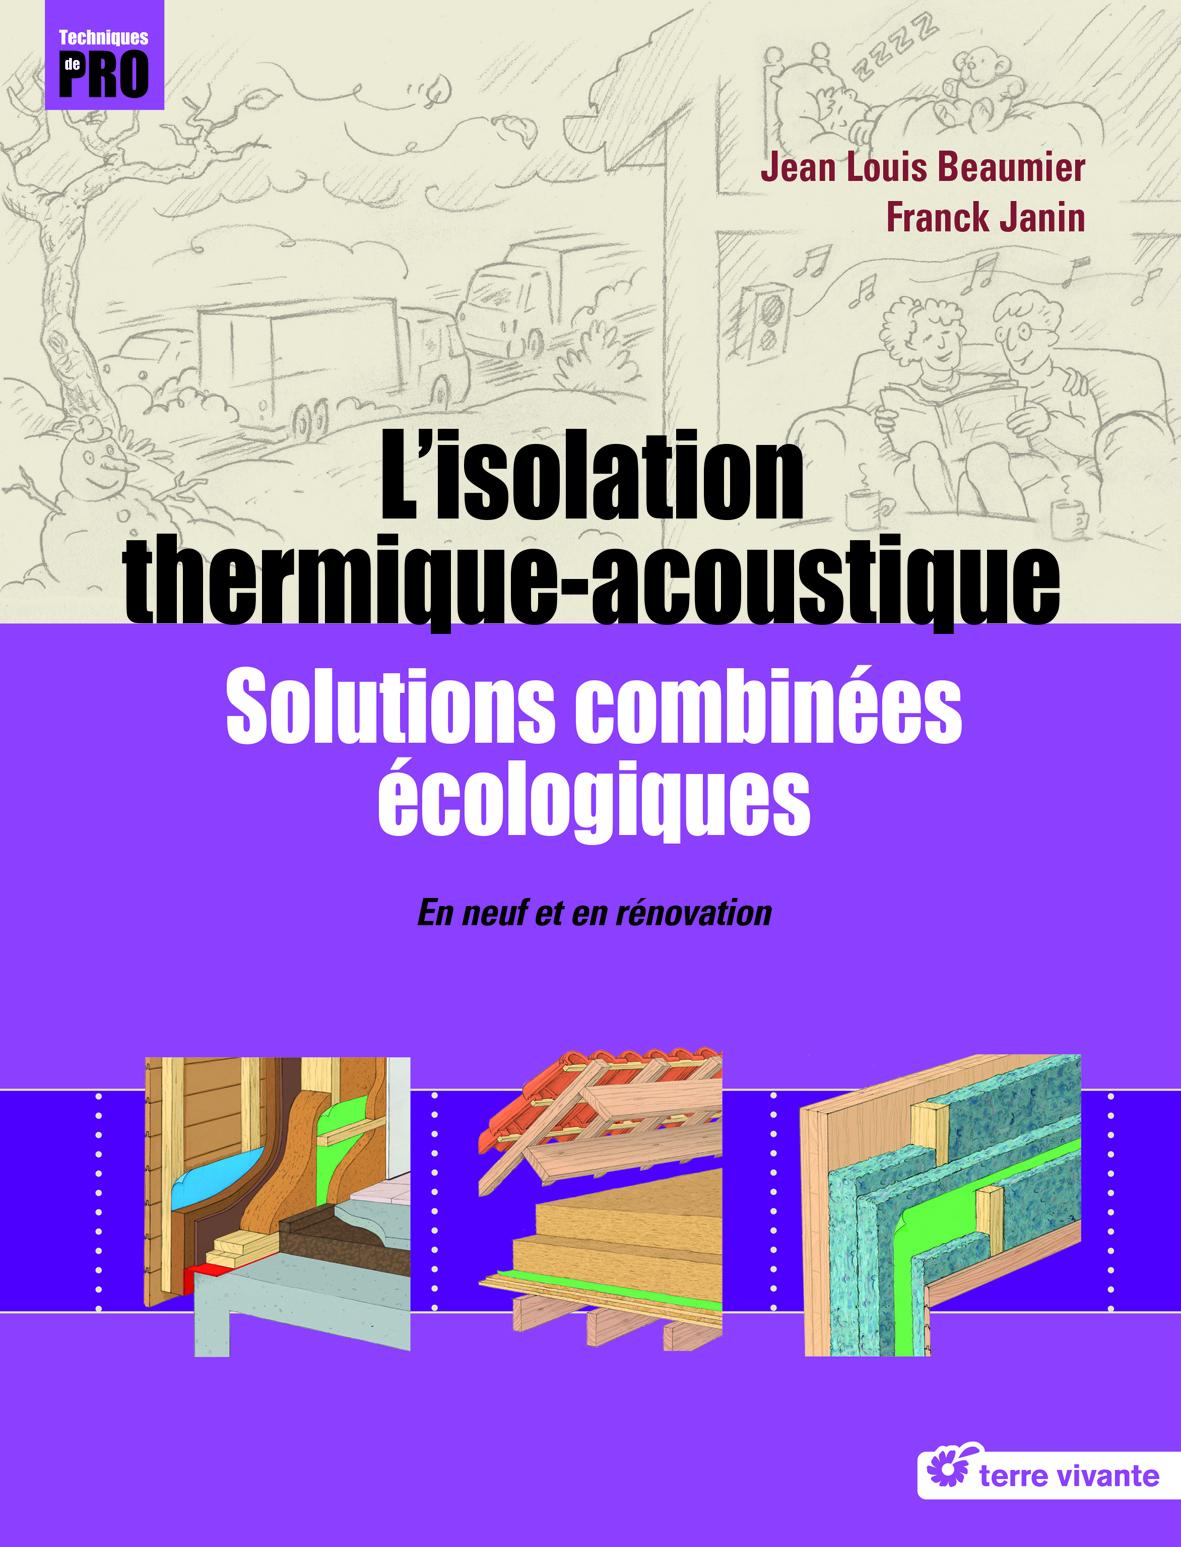 ISOLATION THERMIQUE-ACOUSTIQUE (L')